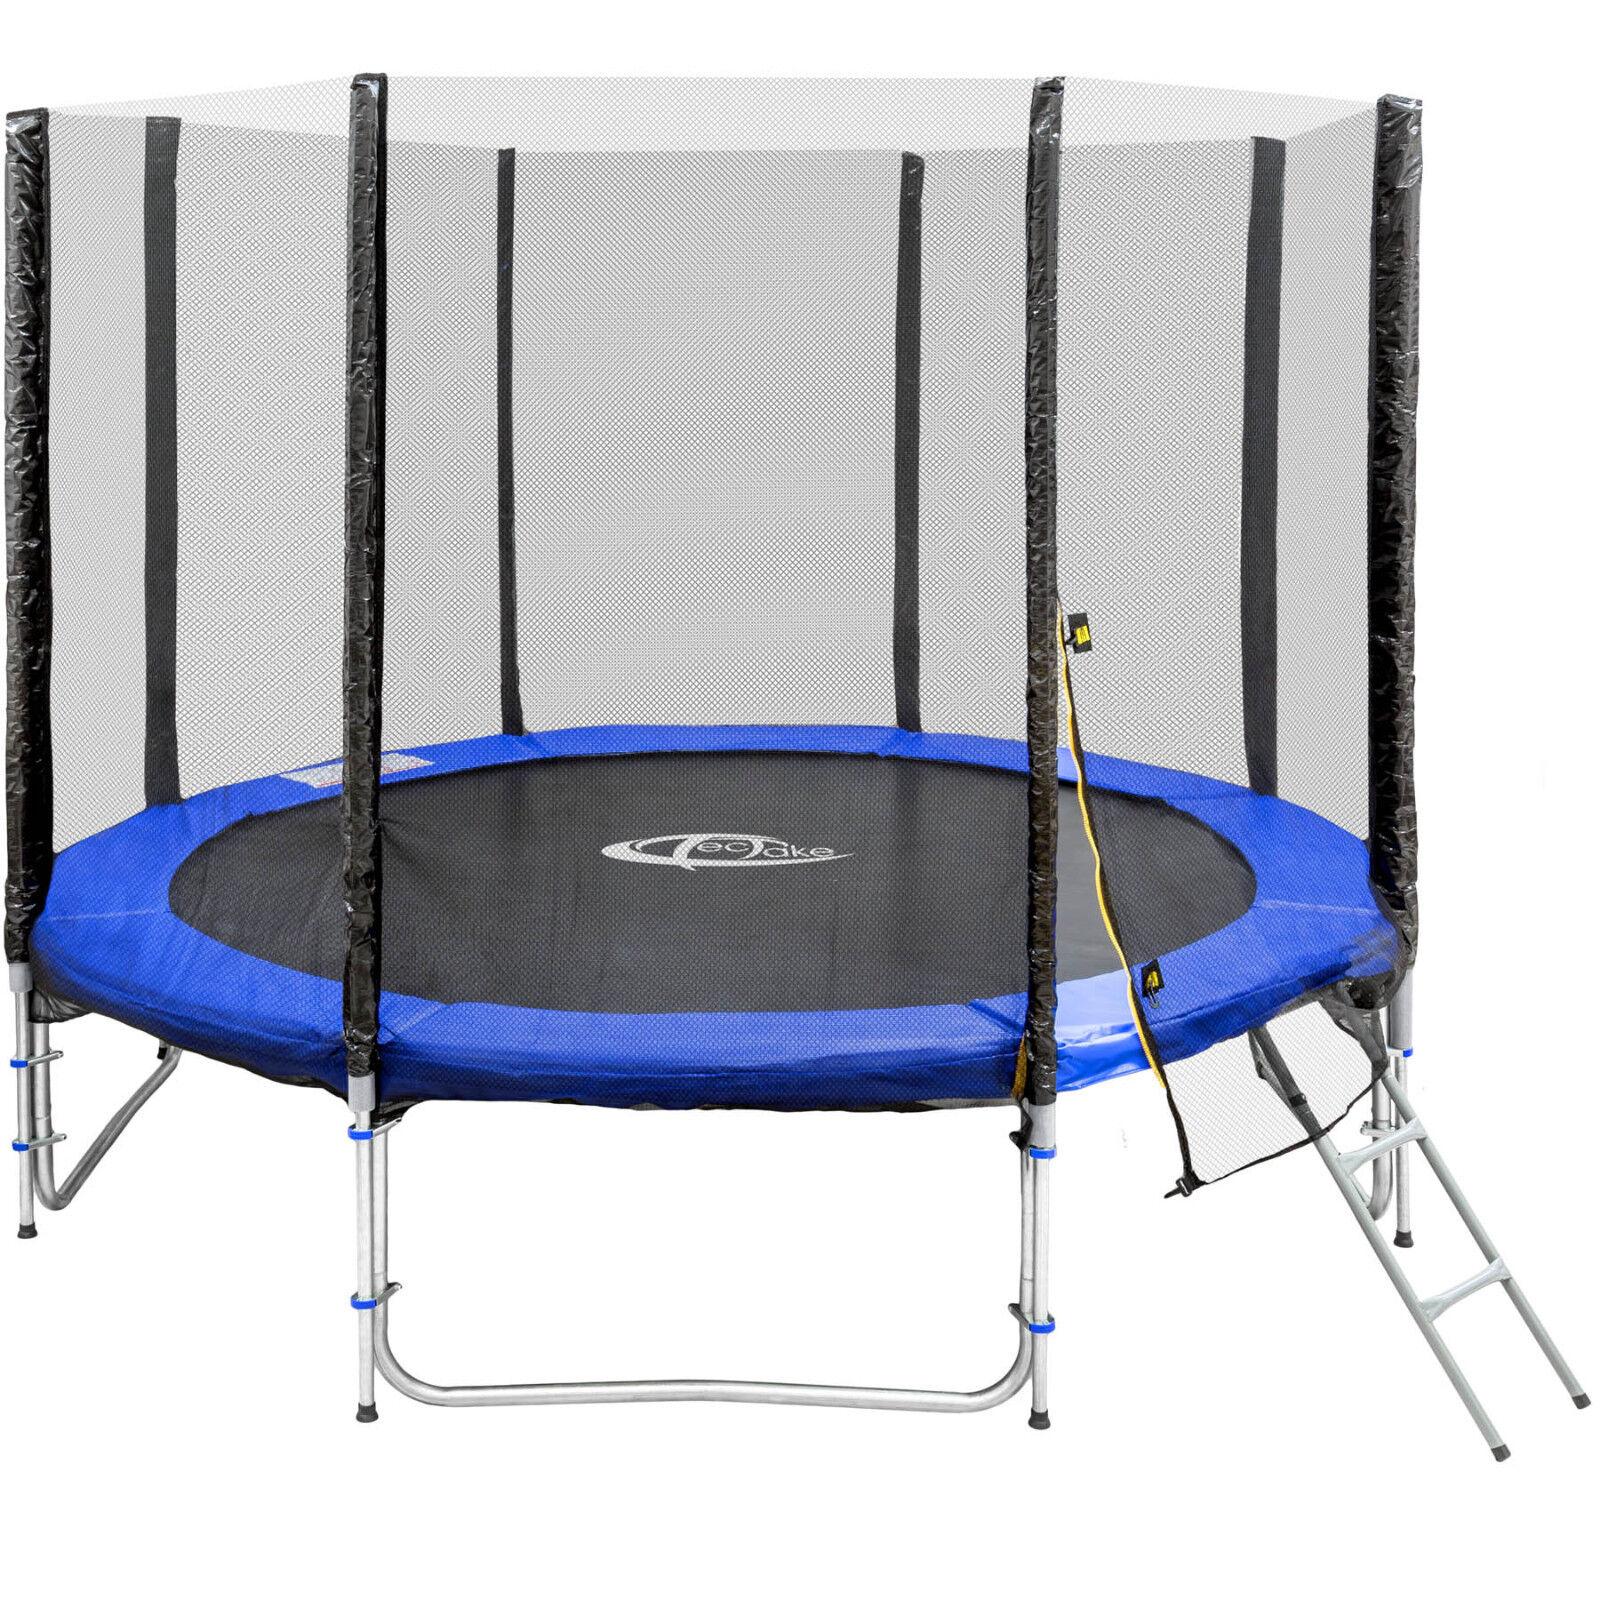 Trampolino elastico da giardino con rete di sicurezza scaletta Ø 305 cm TÜVGS n